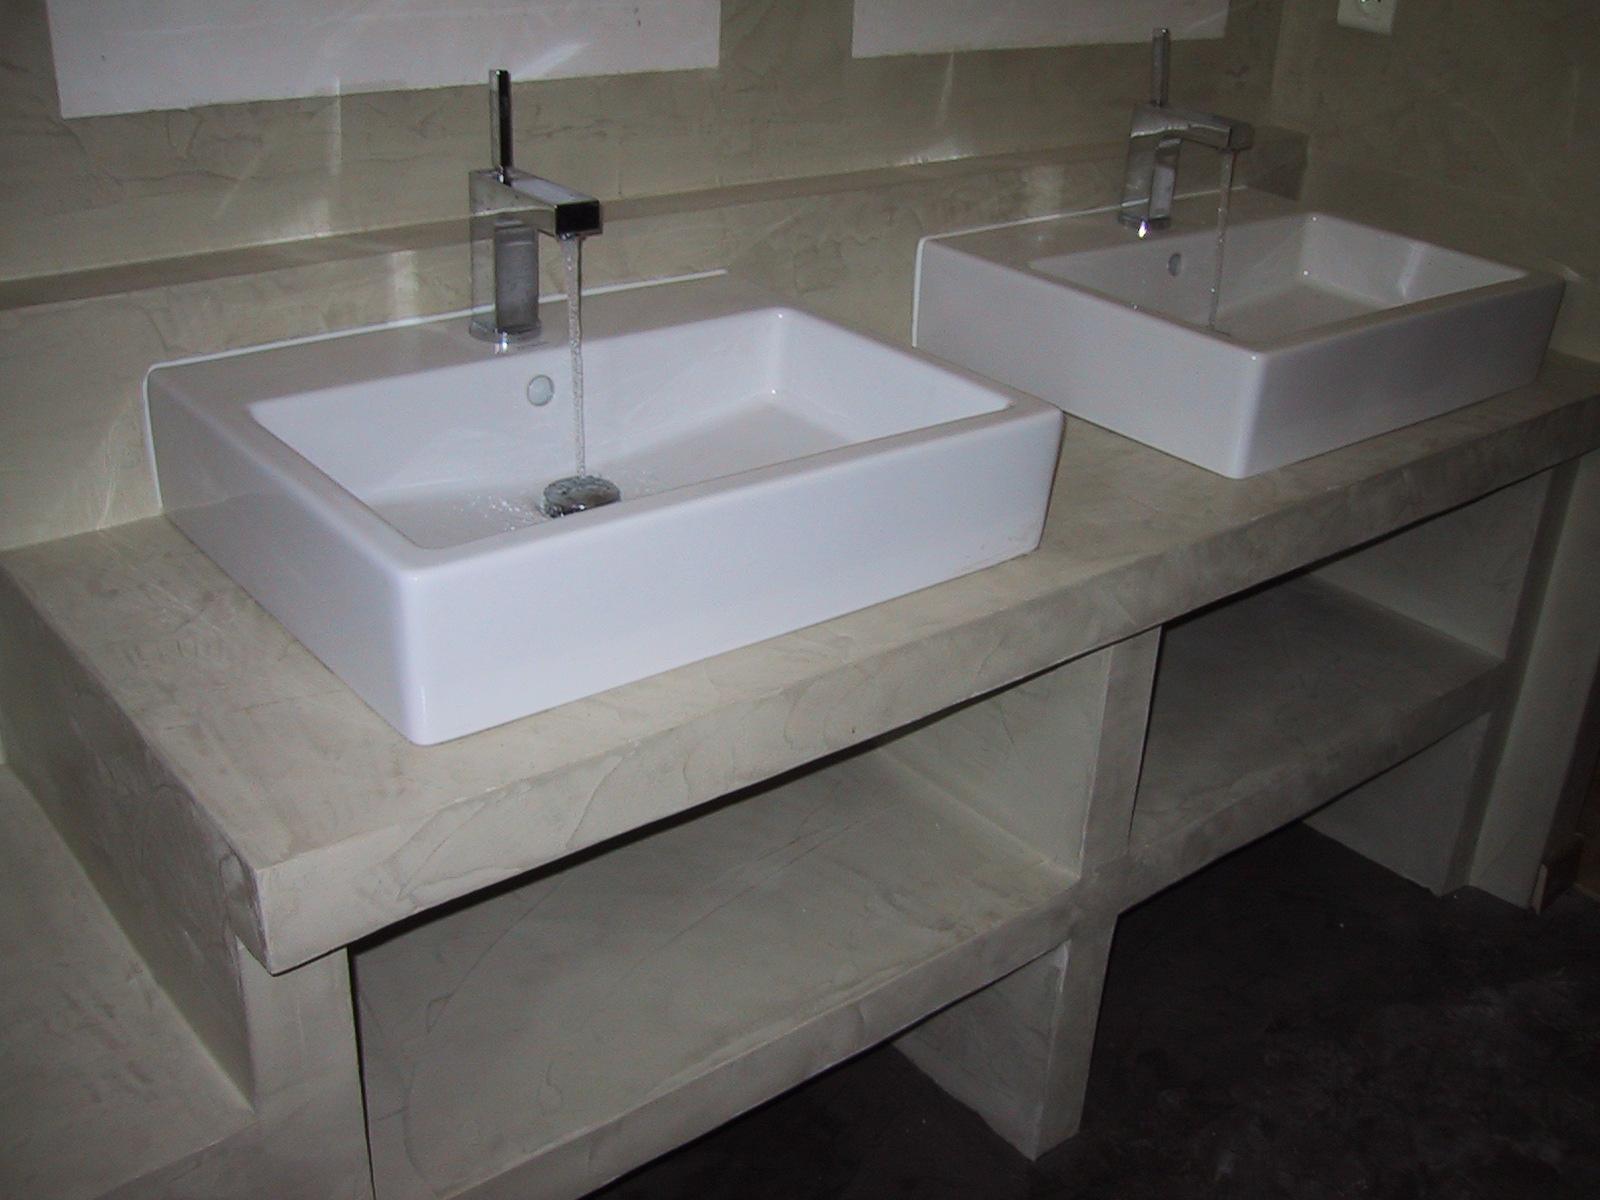 Waschtischplatte Beton waschtischplatte beton gispatcher com